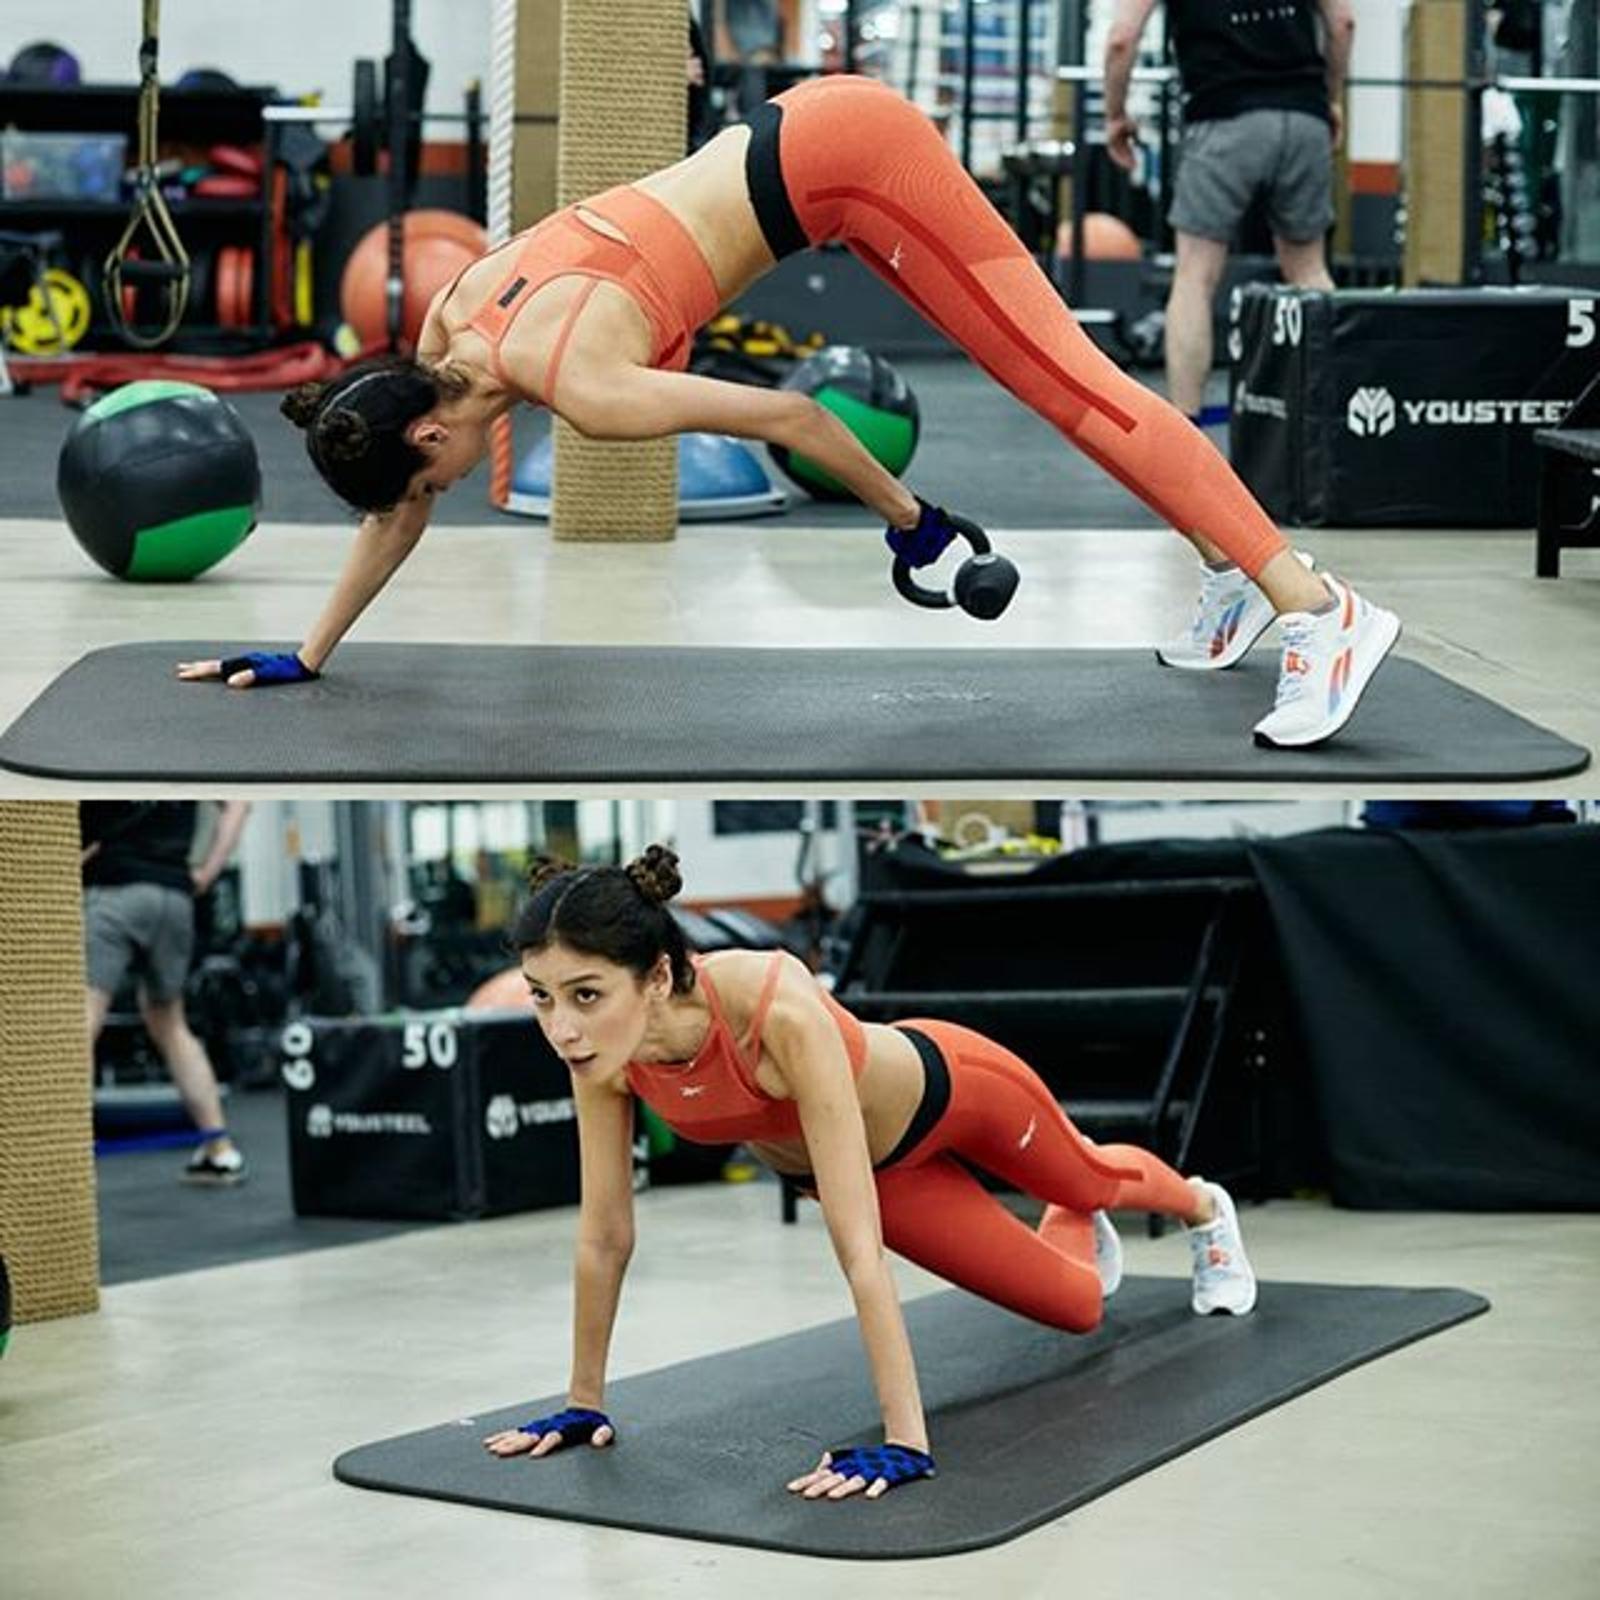 Равшана Куркова собственным примером мотивирует на занятия спортом